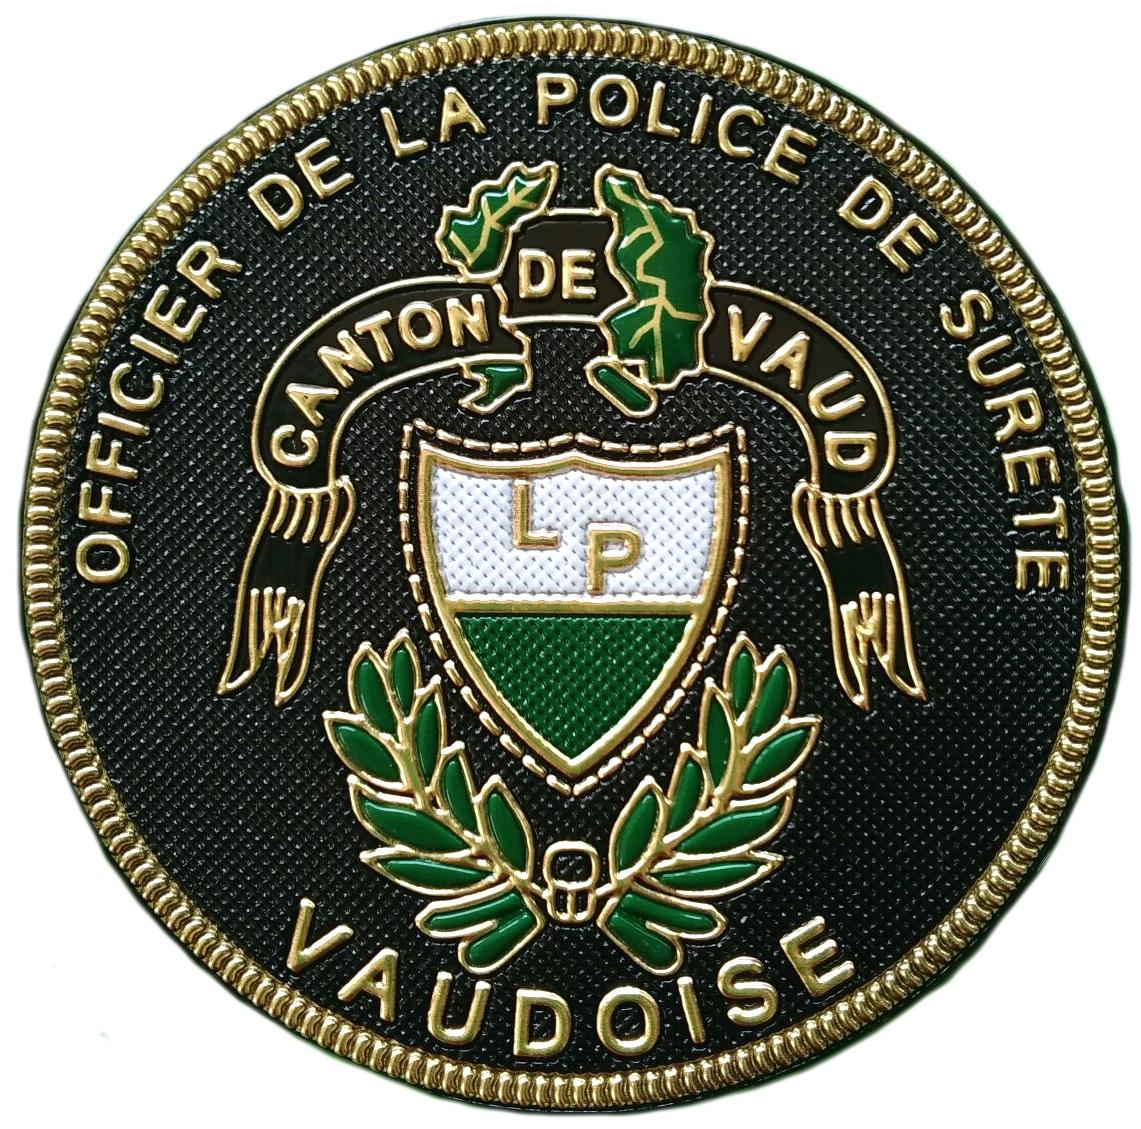 Policía Oficial del cantón de Vaud Suiza parche insignia emblema distintivo